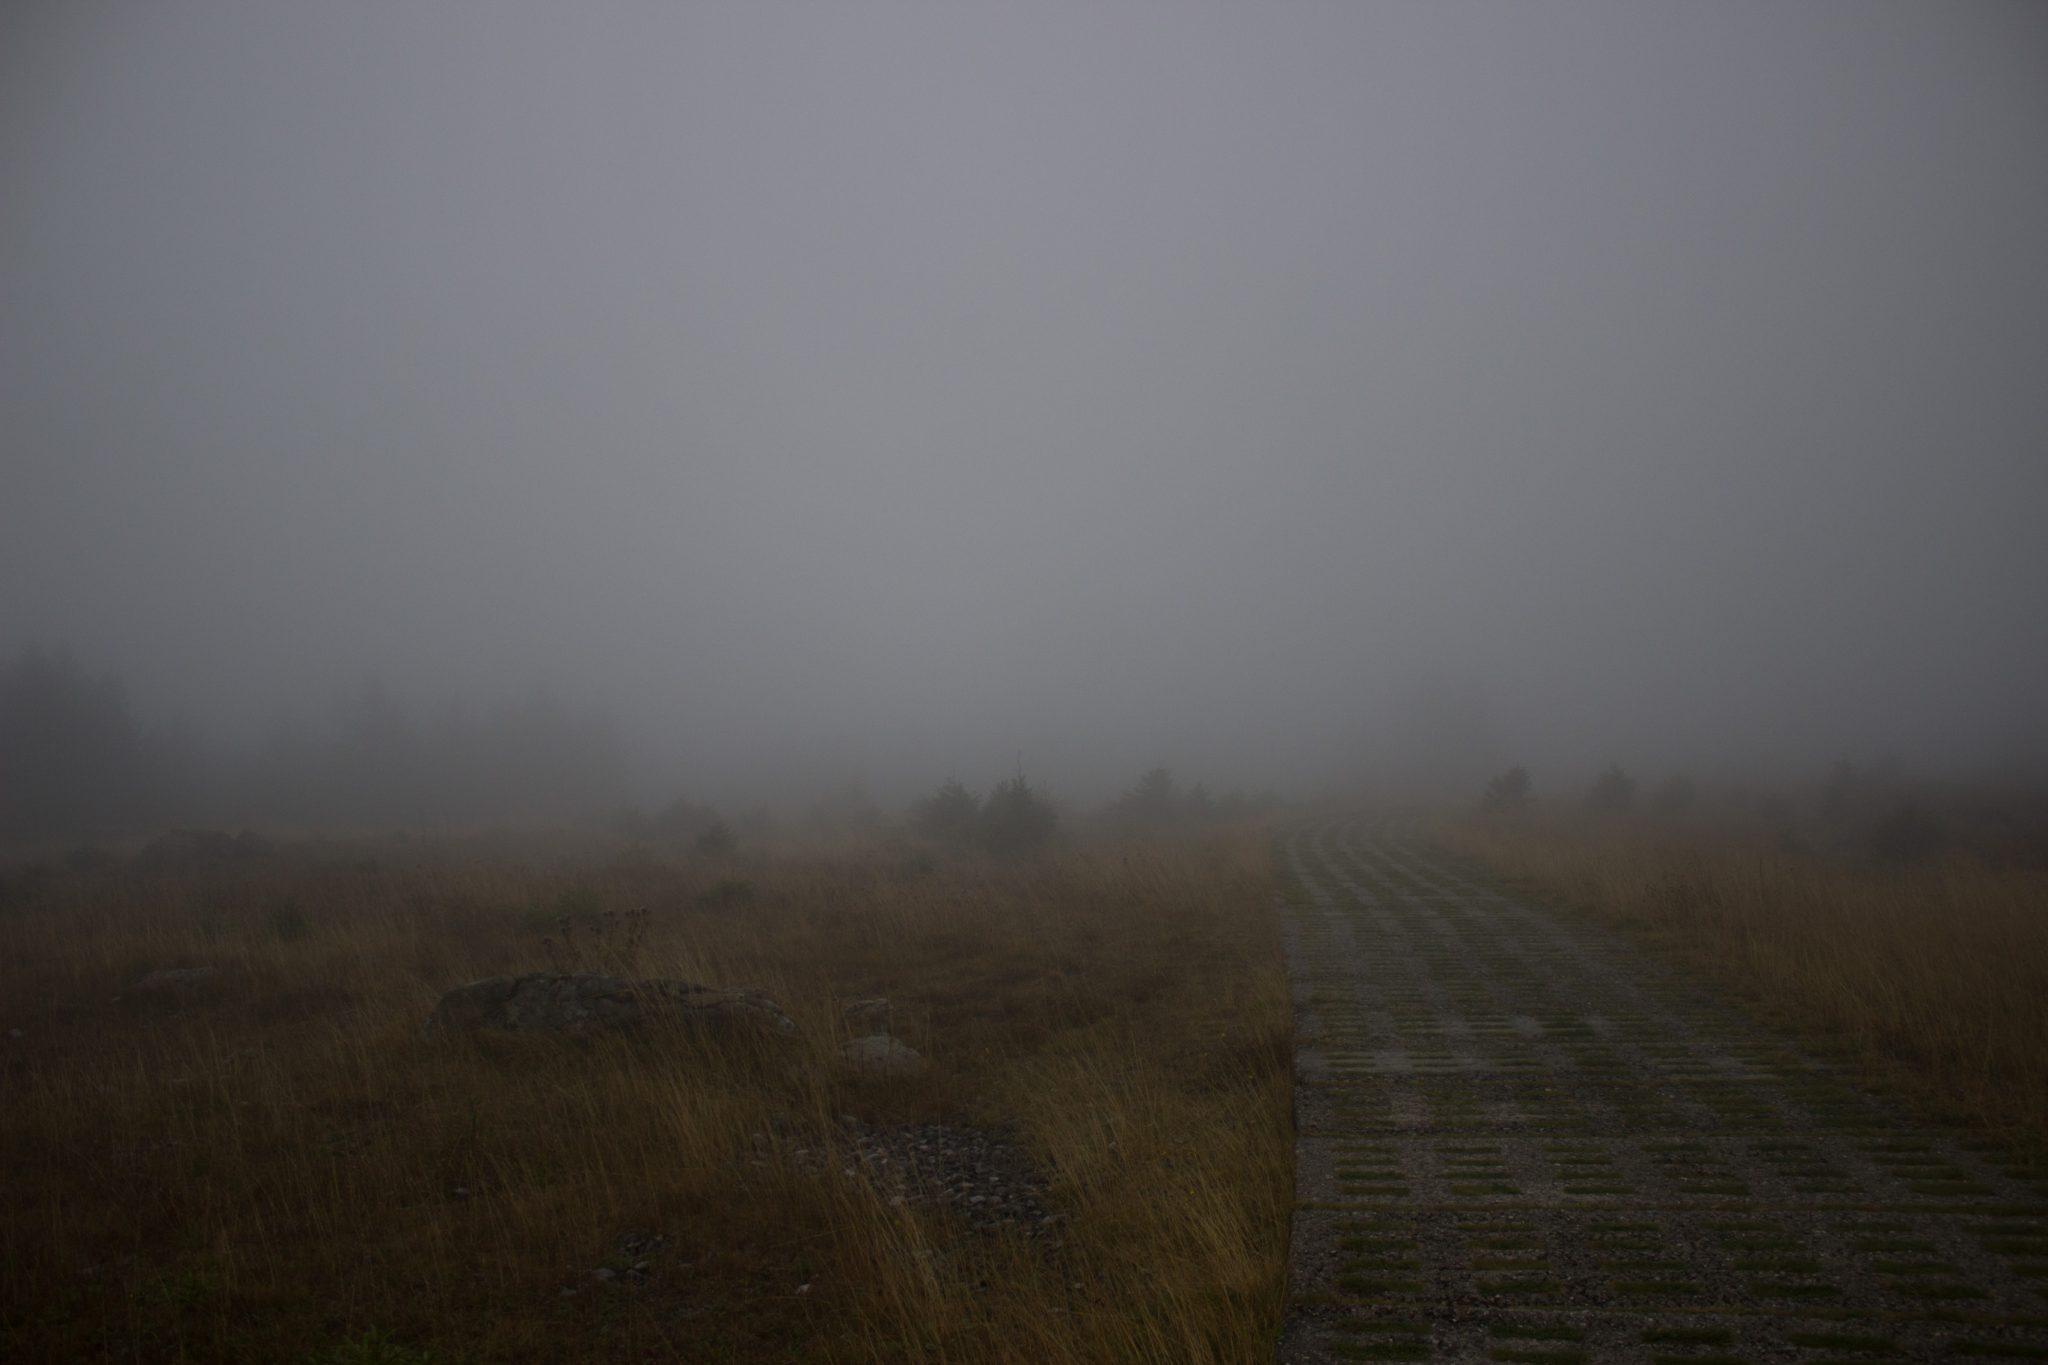 Wanderung Brocken über Heinrich-Heine-Weg Start in Ilsenburg, Nationalpark Harz, triste Stimmung, Weg zum Brocken über alte Militärstraße, regnerisch, sehr neblig, schöne einsame Atmosphäre